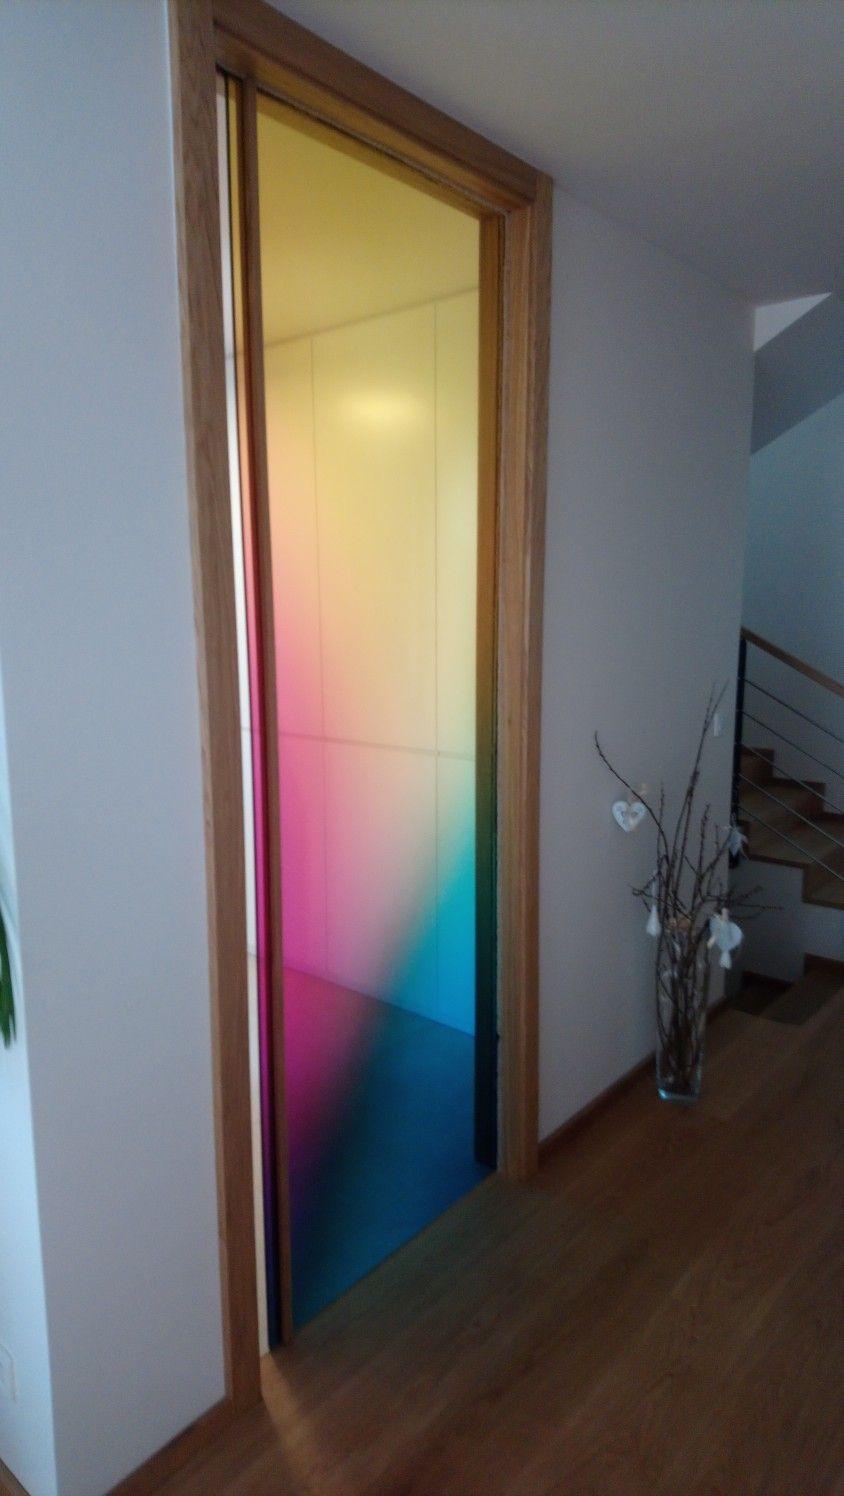 Digitally Printed Sliding Glass Door For More Info Visit Www Ingenio Sk Sliding Glass Door Room Door Design Glass Door